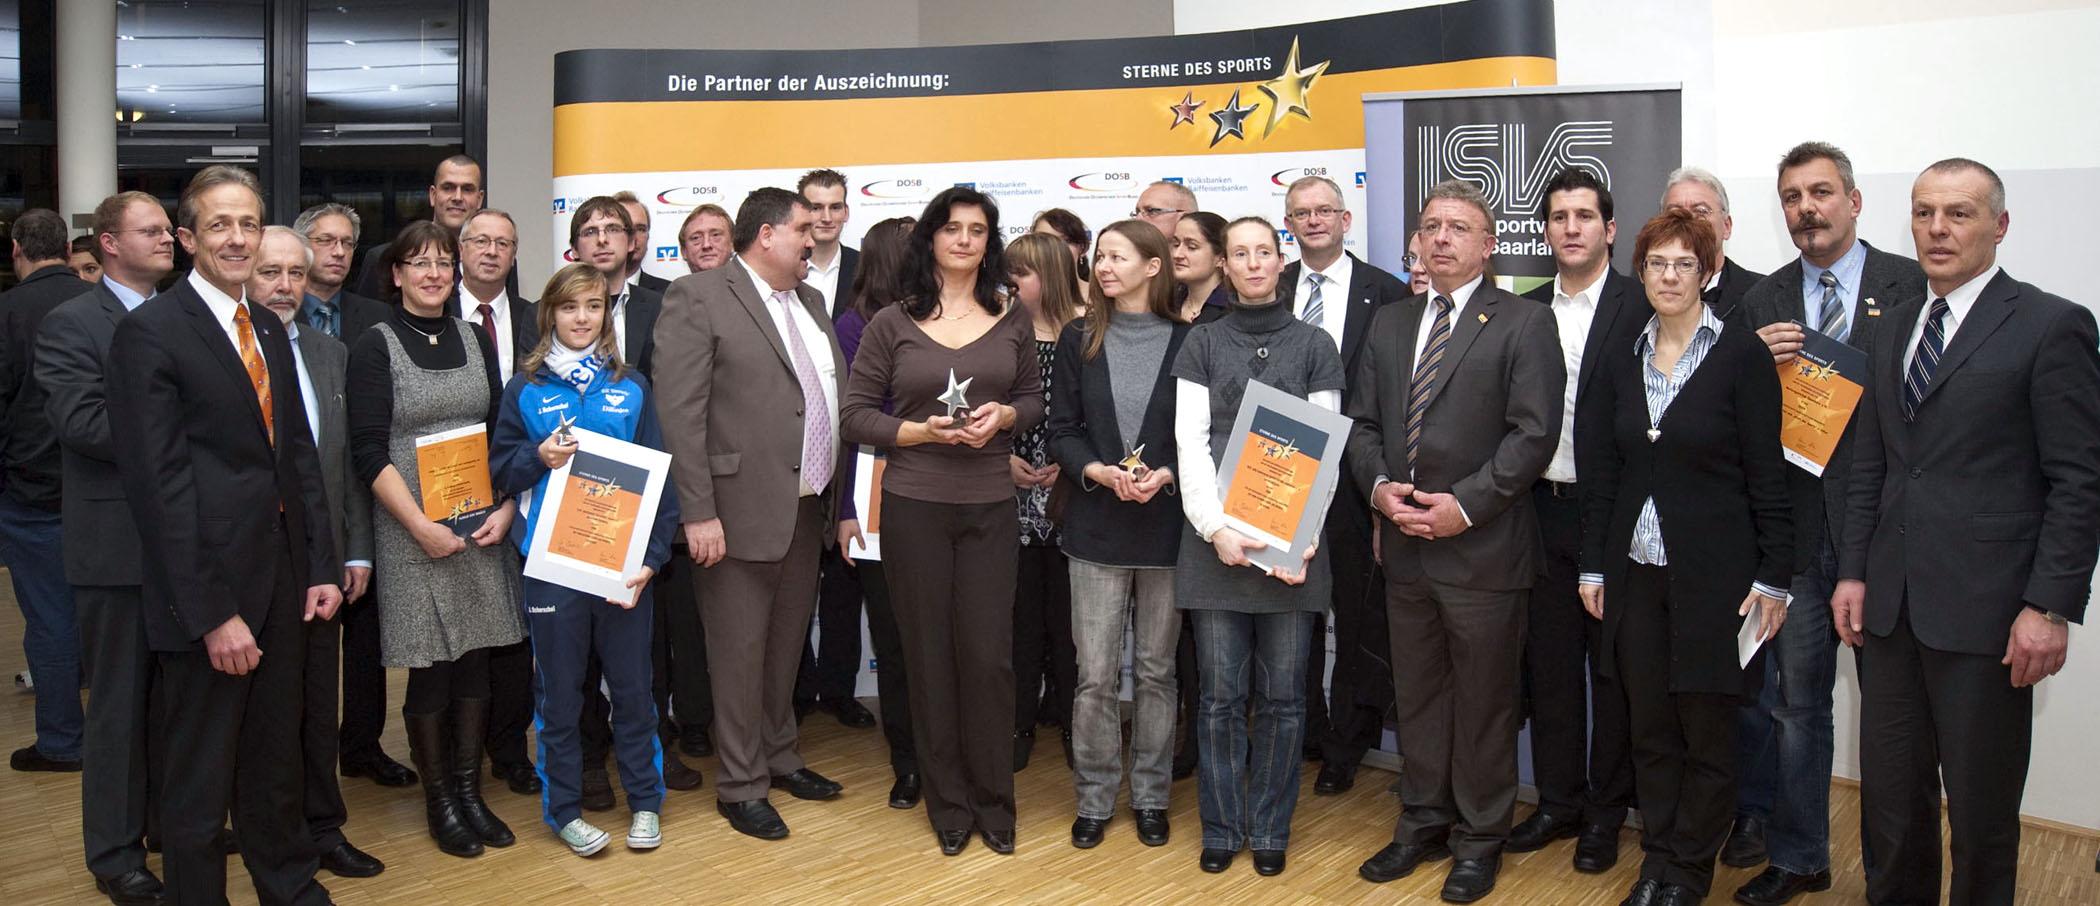 """Die Preisträger der """"Sterne des Sports"""" im Saarland mit der neuen Sportministerin des Saarlands Annegret Kramp-Karrenbauer"""